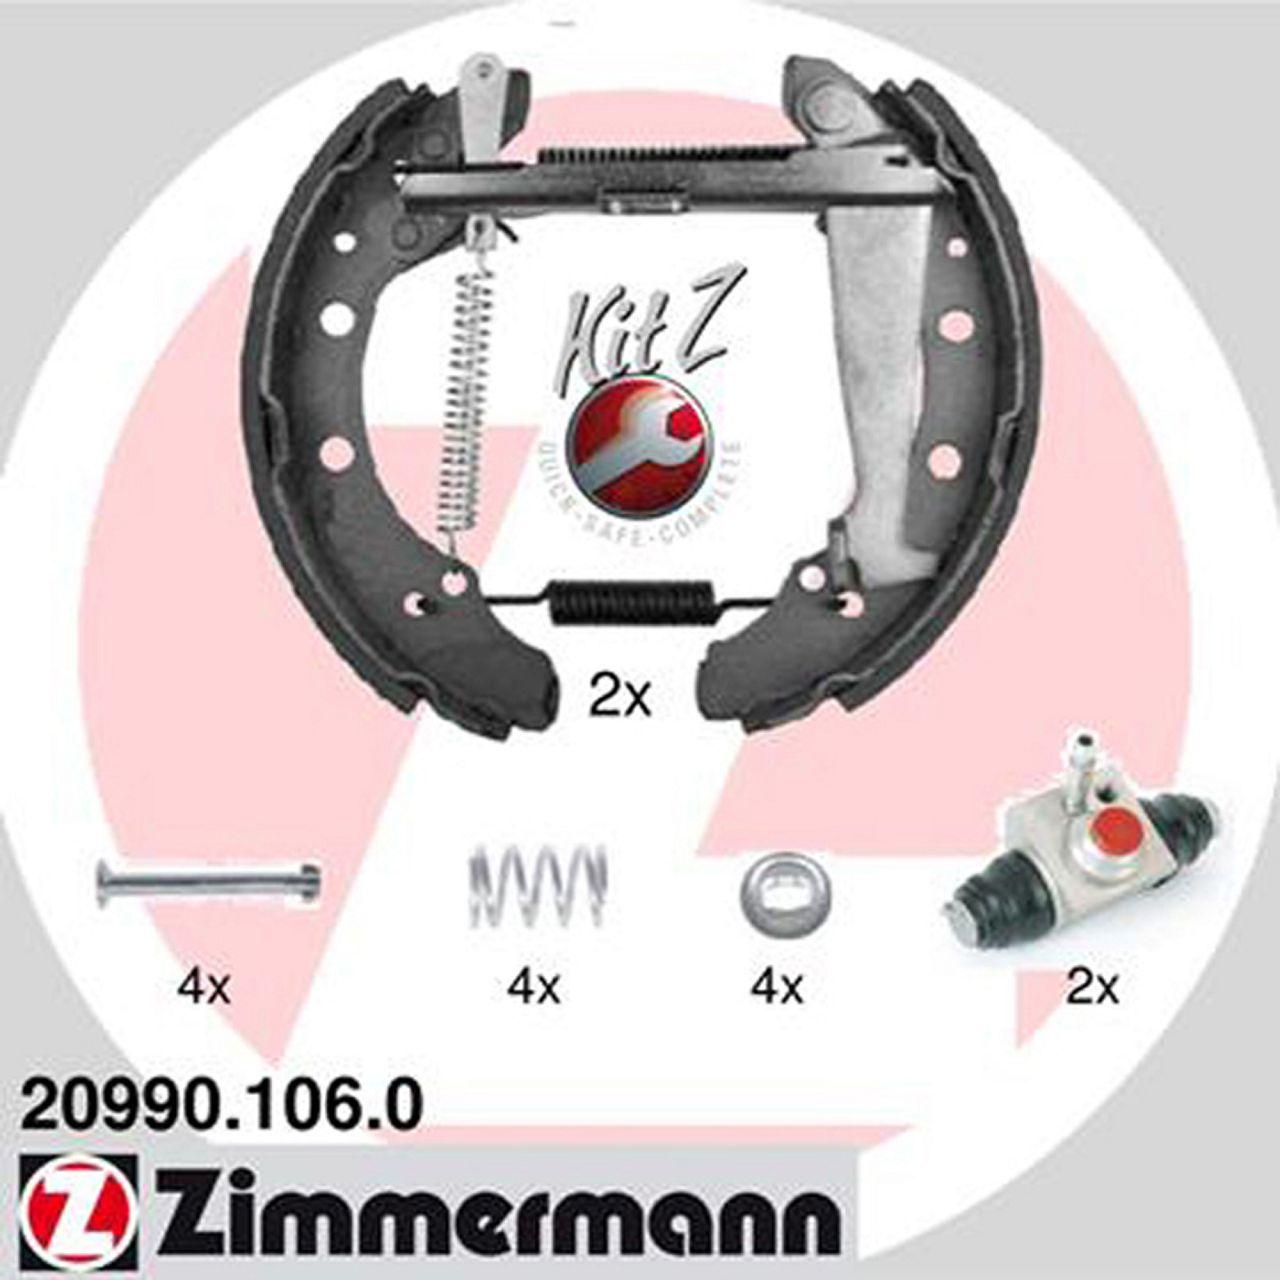 ZIMMERMANN Bremsbacken + Radbremszylinder für Audi 80 A2 Arosa Golf Polo Vento